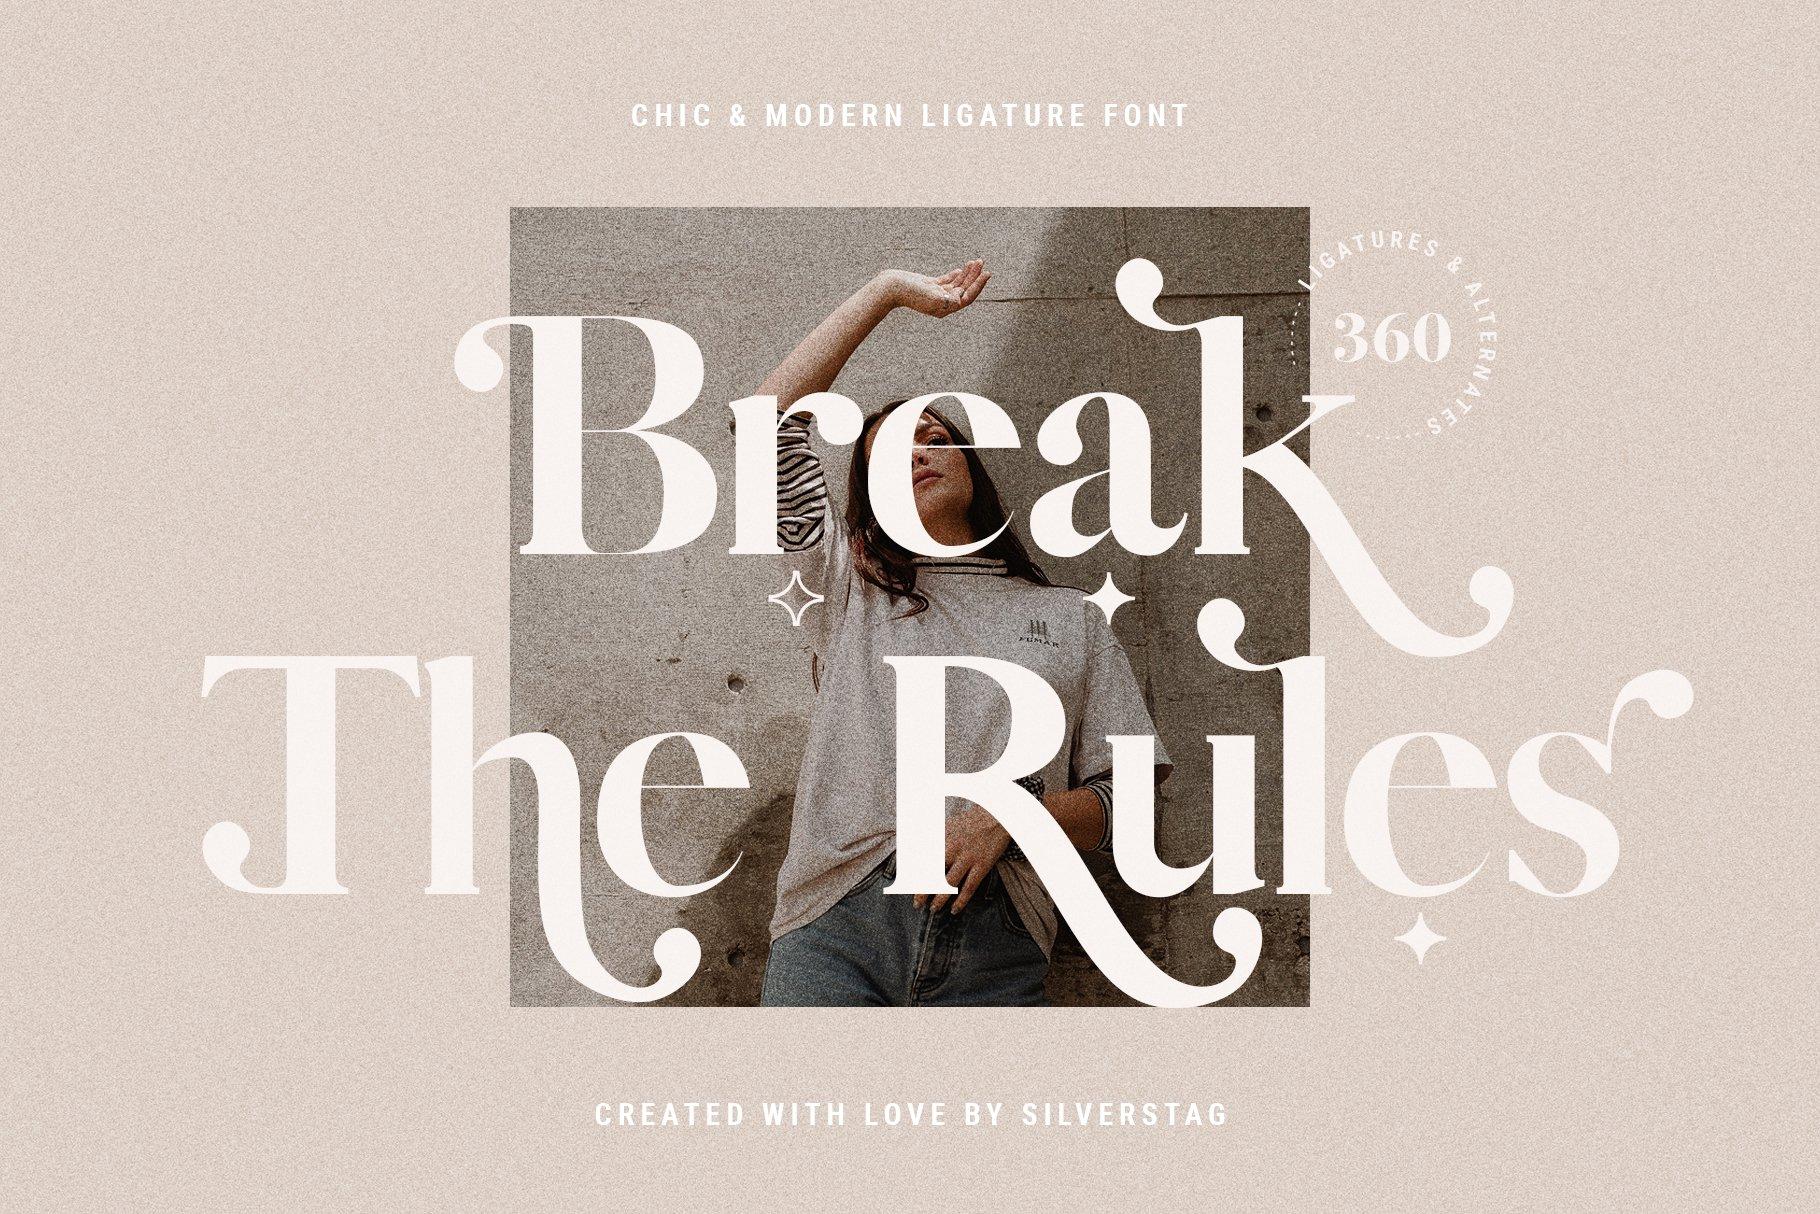 Vicky Christina - Chic & Stylish Ligature Serif Font example image 18